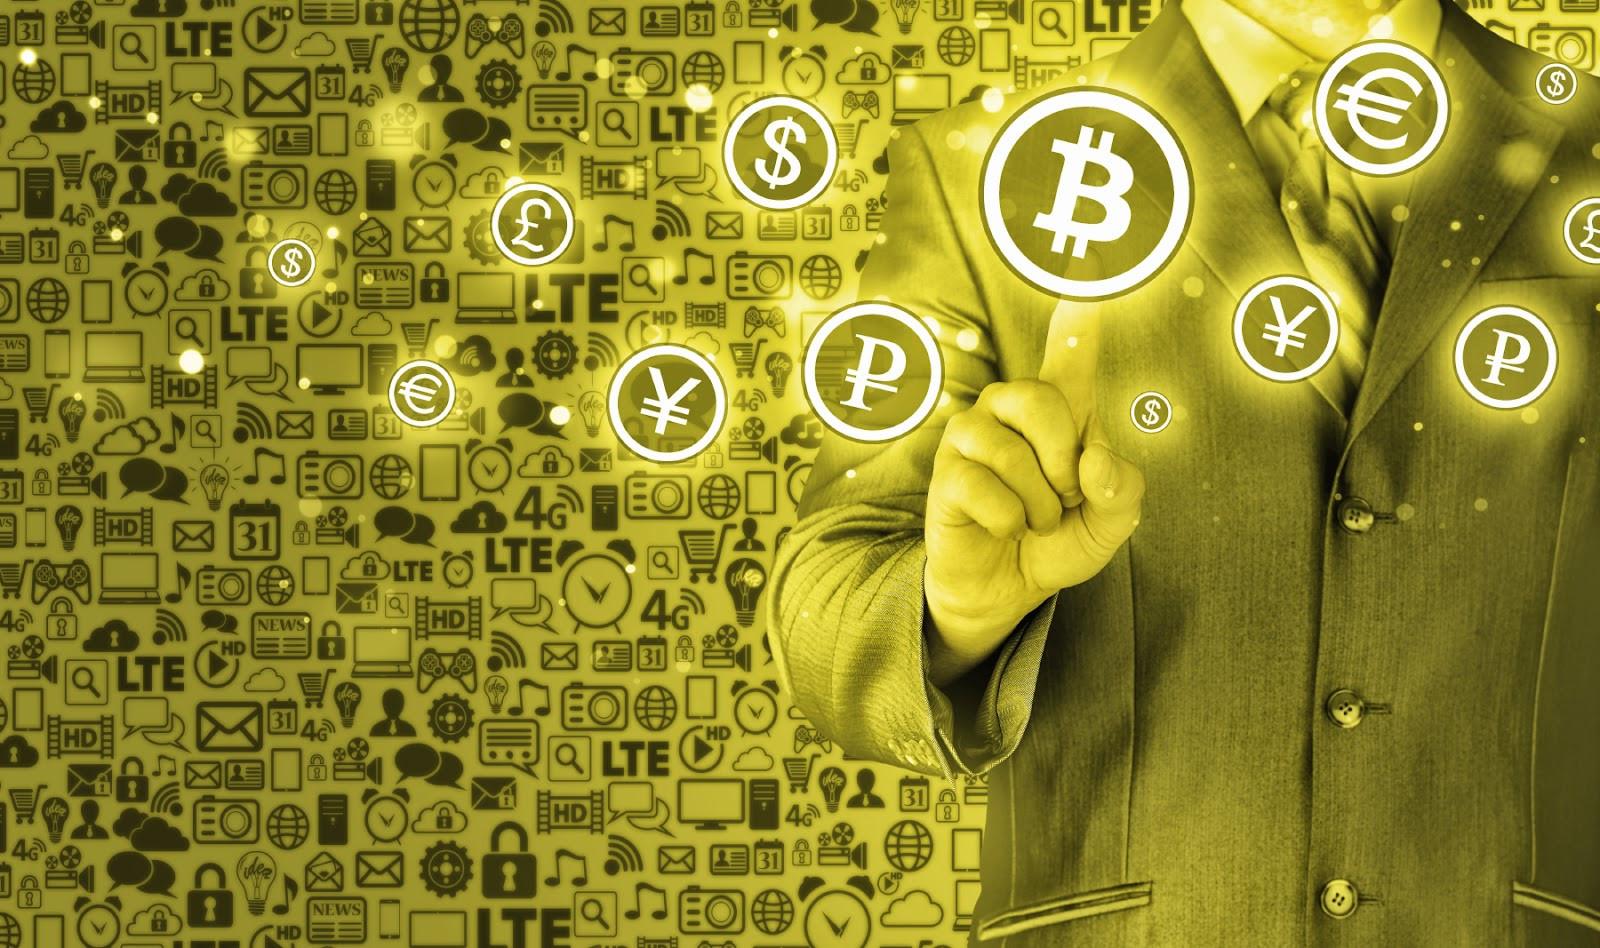 Биткоин из-за разногласий пользователей разделился надве криптовалюты